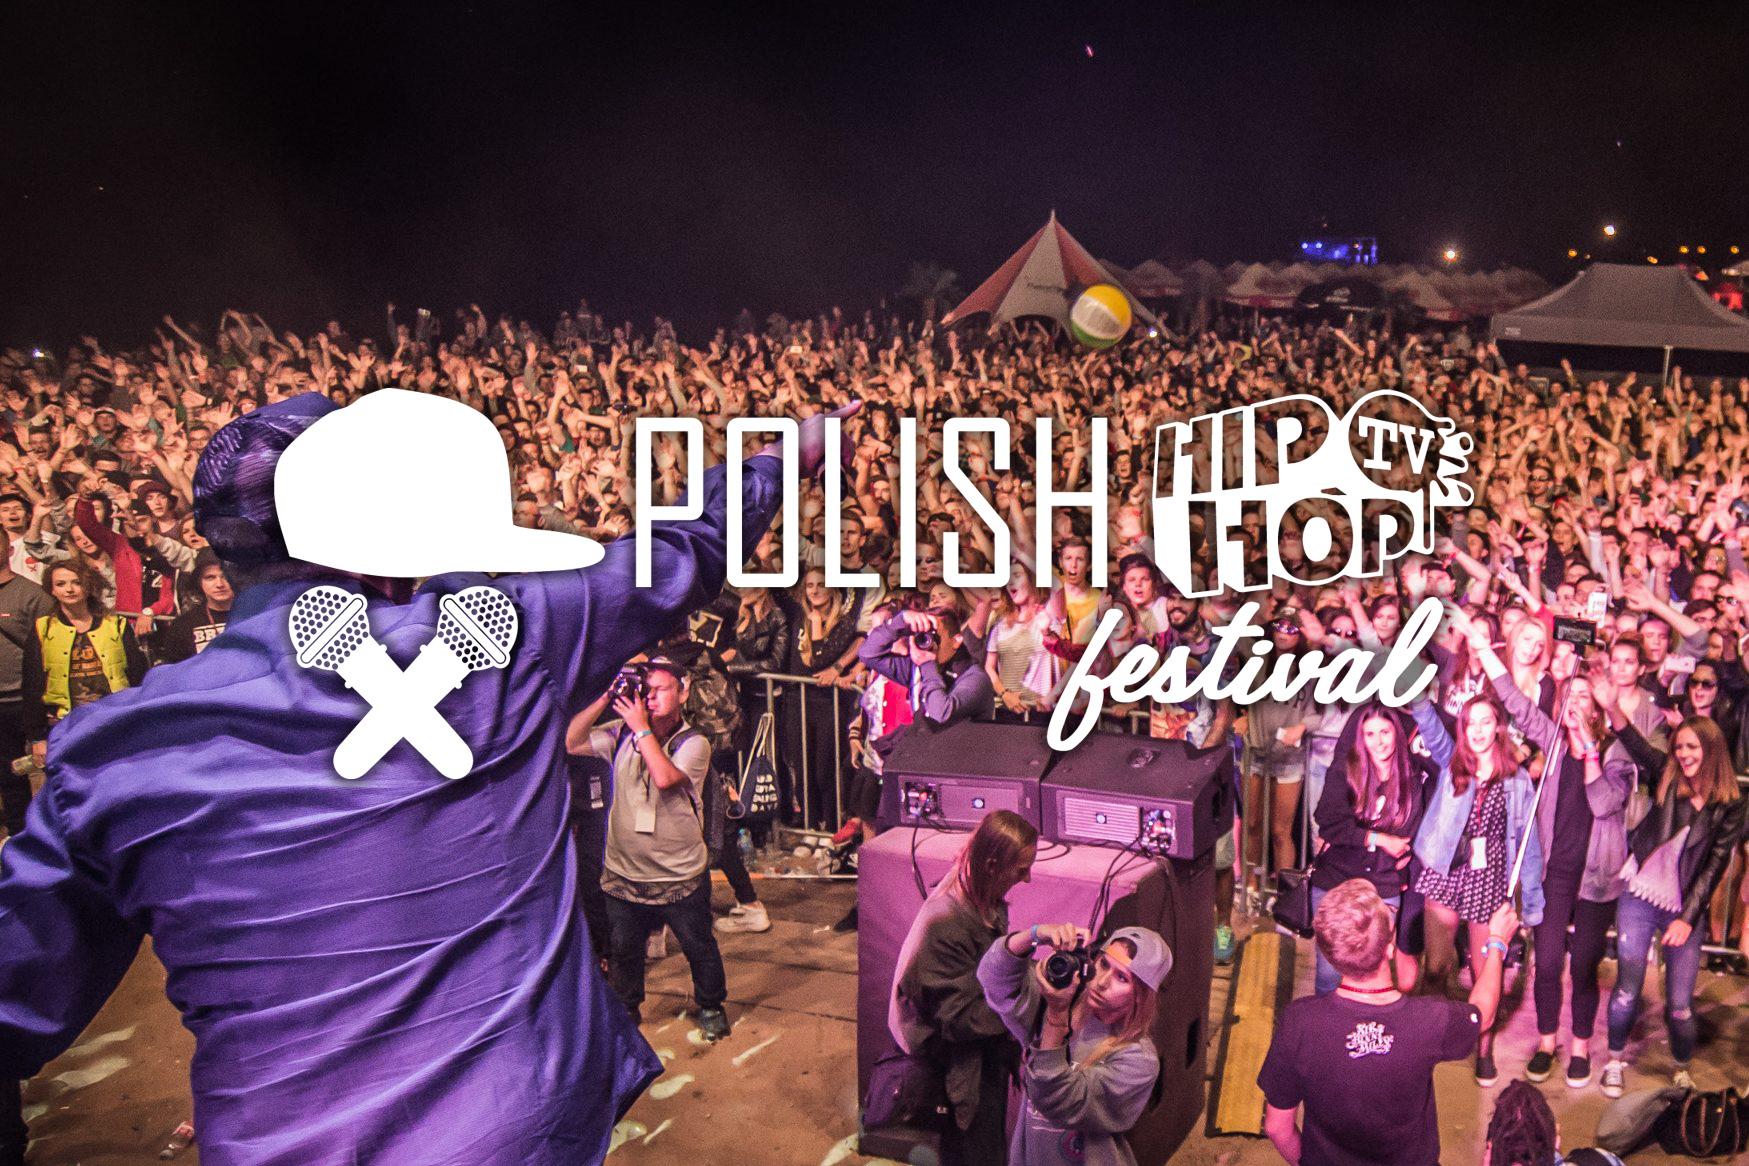 Ruszyła sprzedaż biletów na Polish Hip-Hop TV Festival!